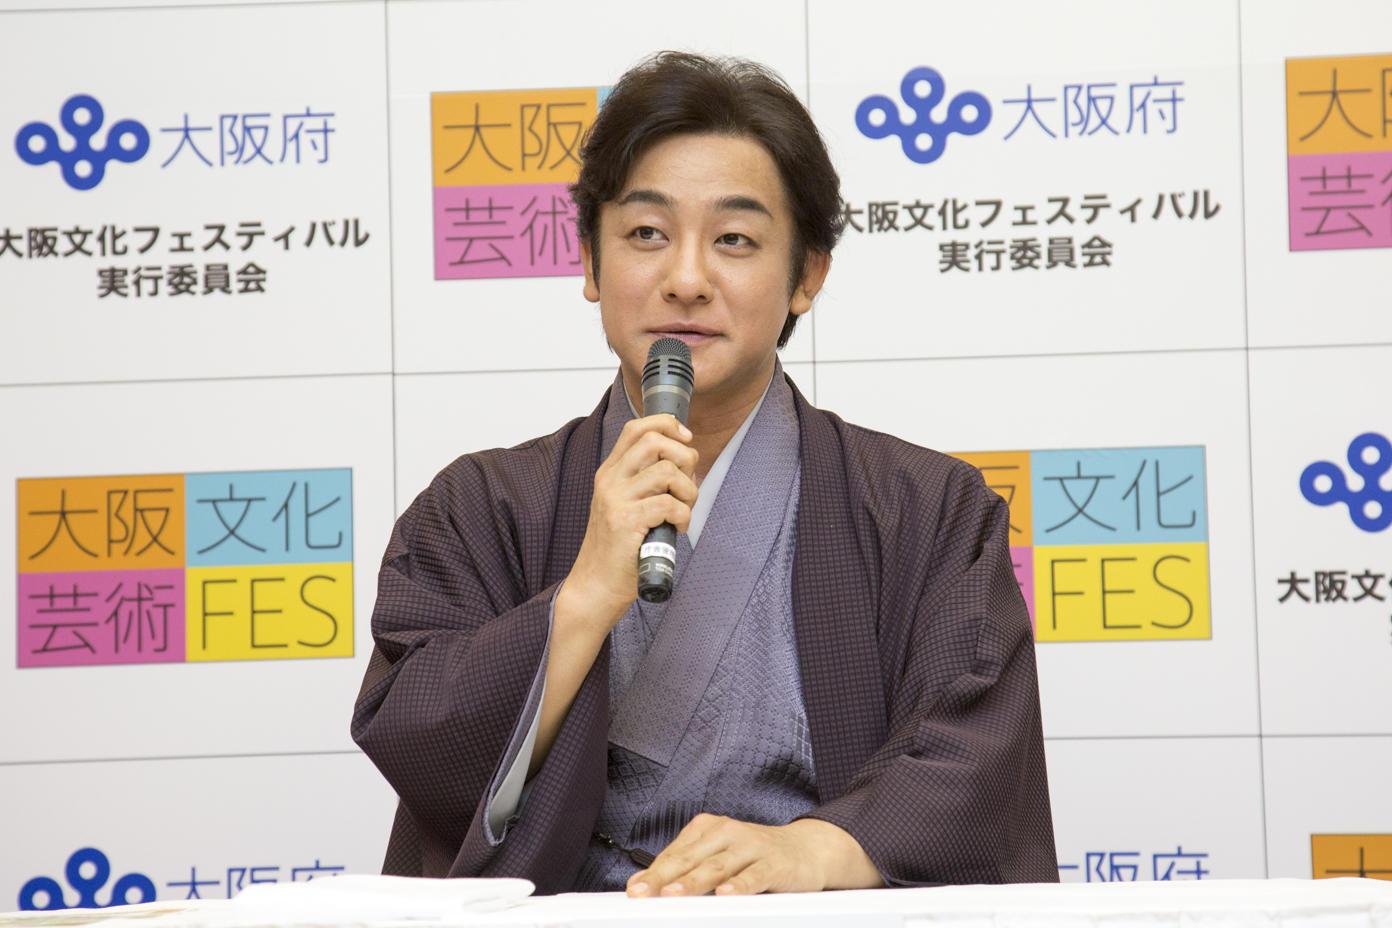 http://news.yoshimoto.co.jp/20170905232613-1d8d11750c7d8ca23229d7656ae990ea715da5eb.jpg